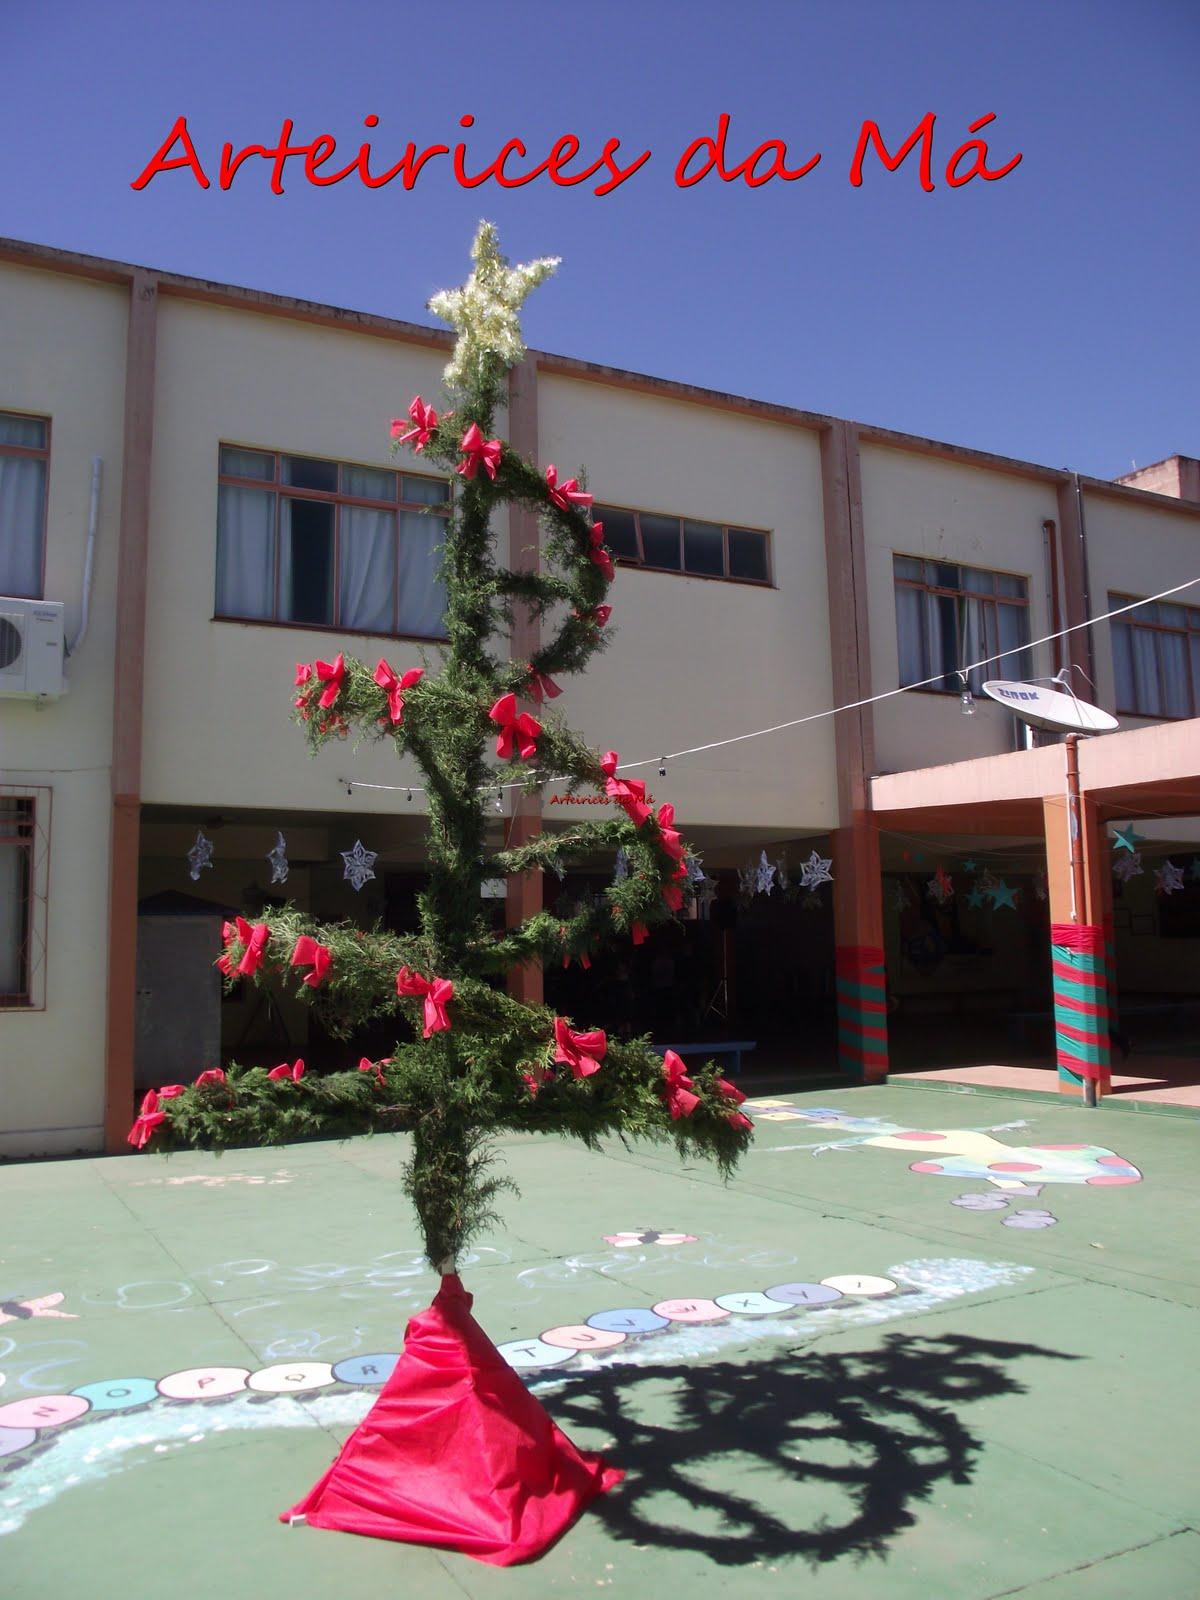 Arteirices da Má Decoraç u00e3o de Natal para o Encerramento do Ano, lá na Escola Vem ver como